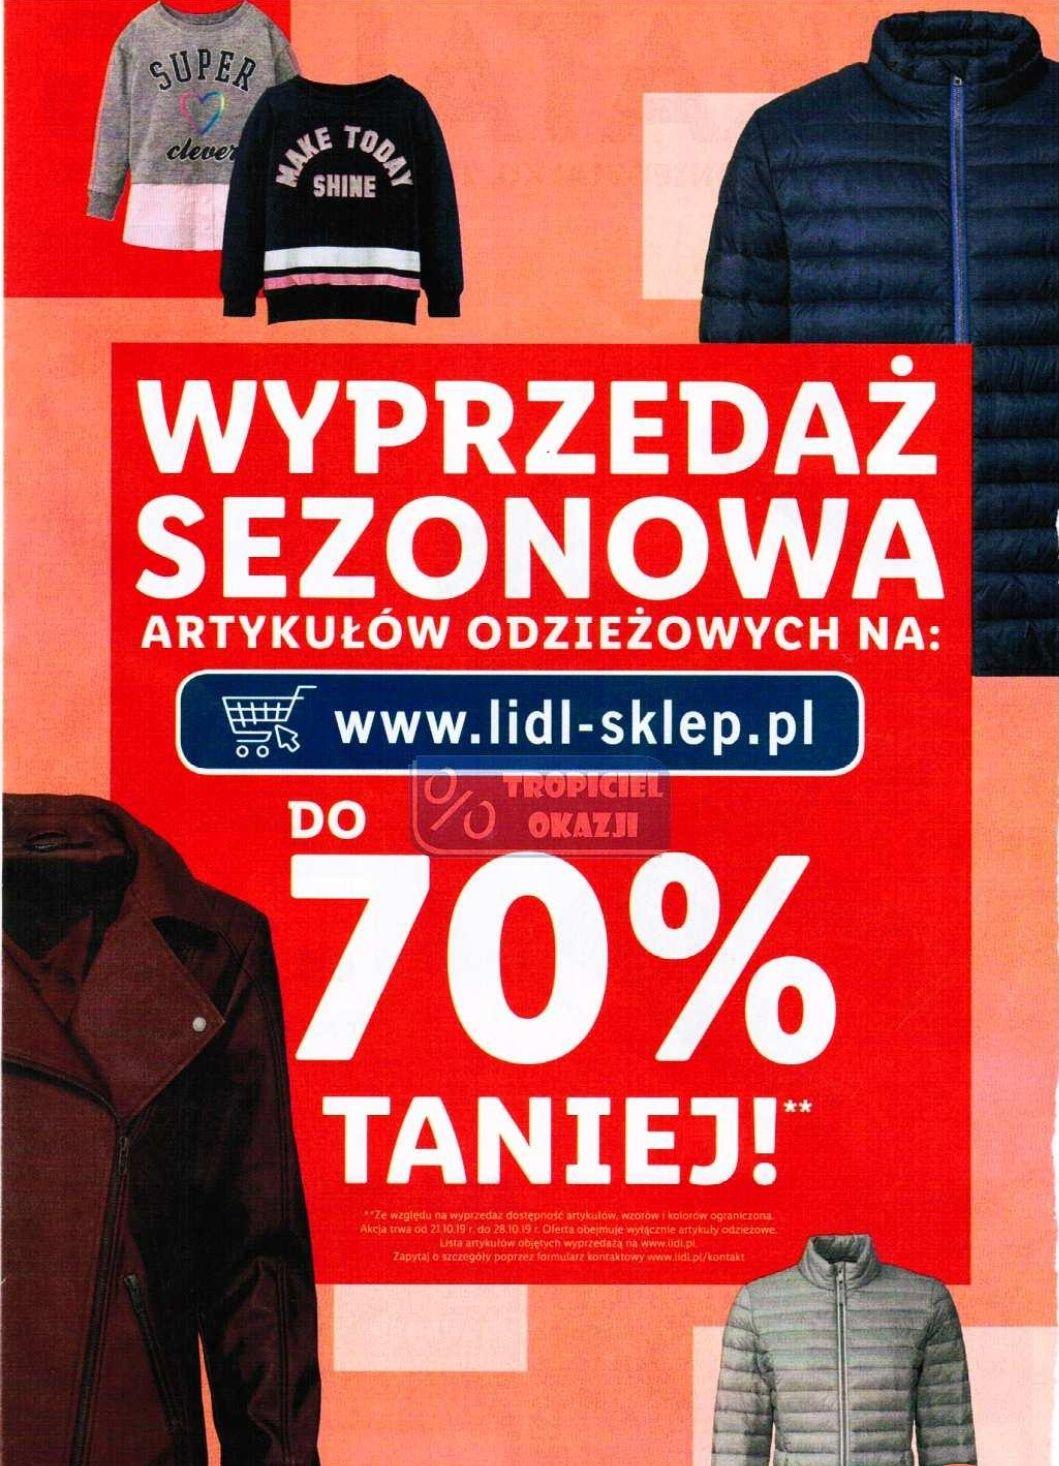 Wyprzedaż sezonowa do -70% Lidl sklep online